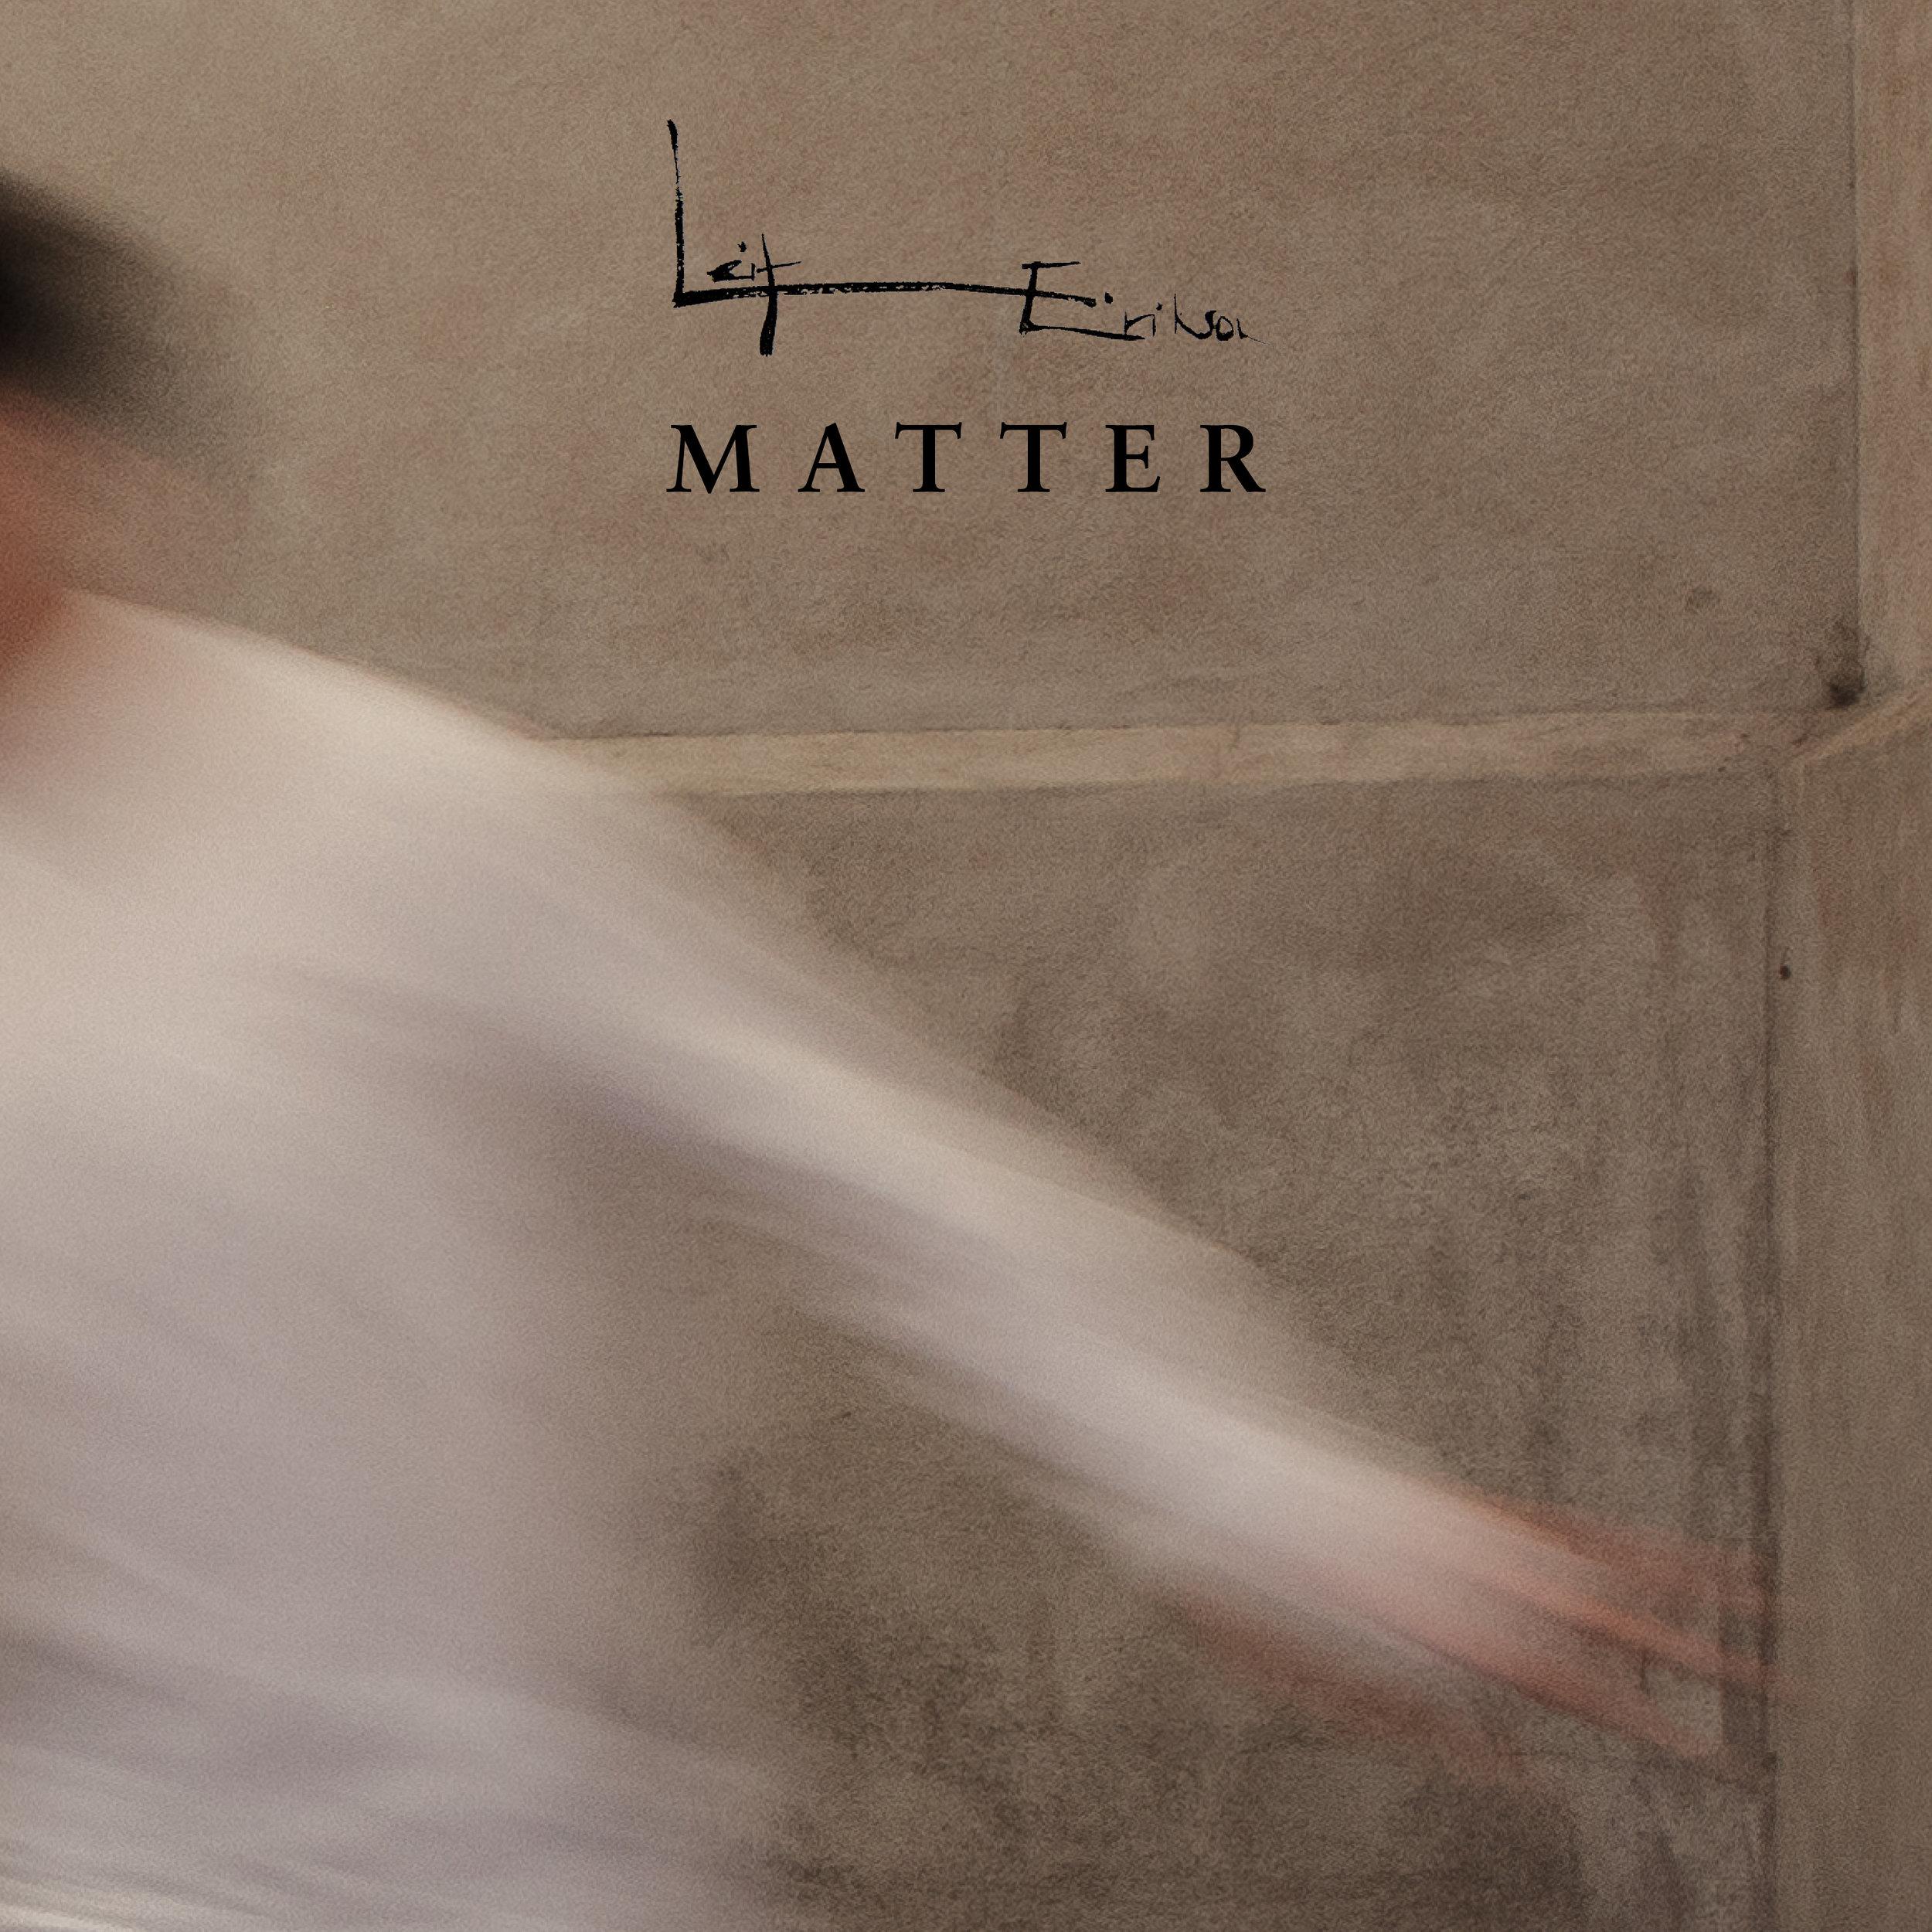 Leif Erikson Matter Artwork 300ppi.jpg